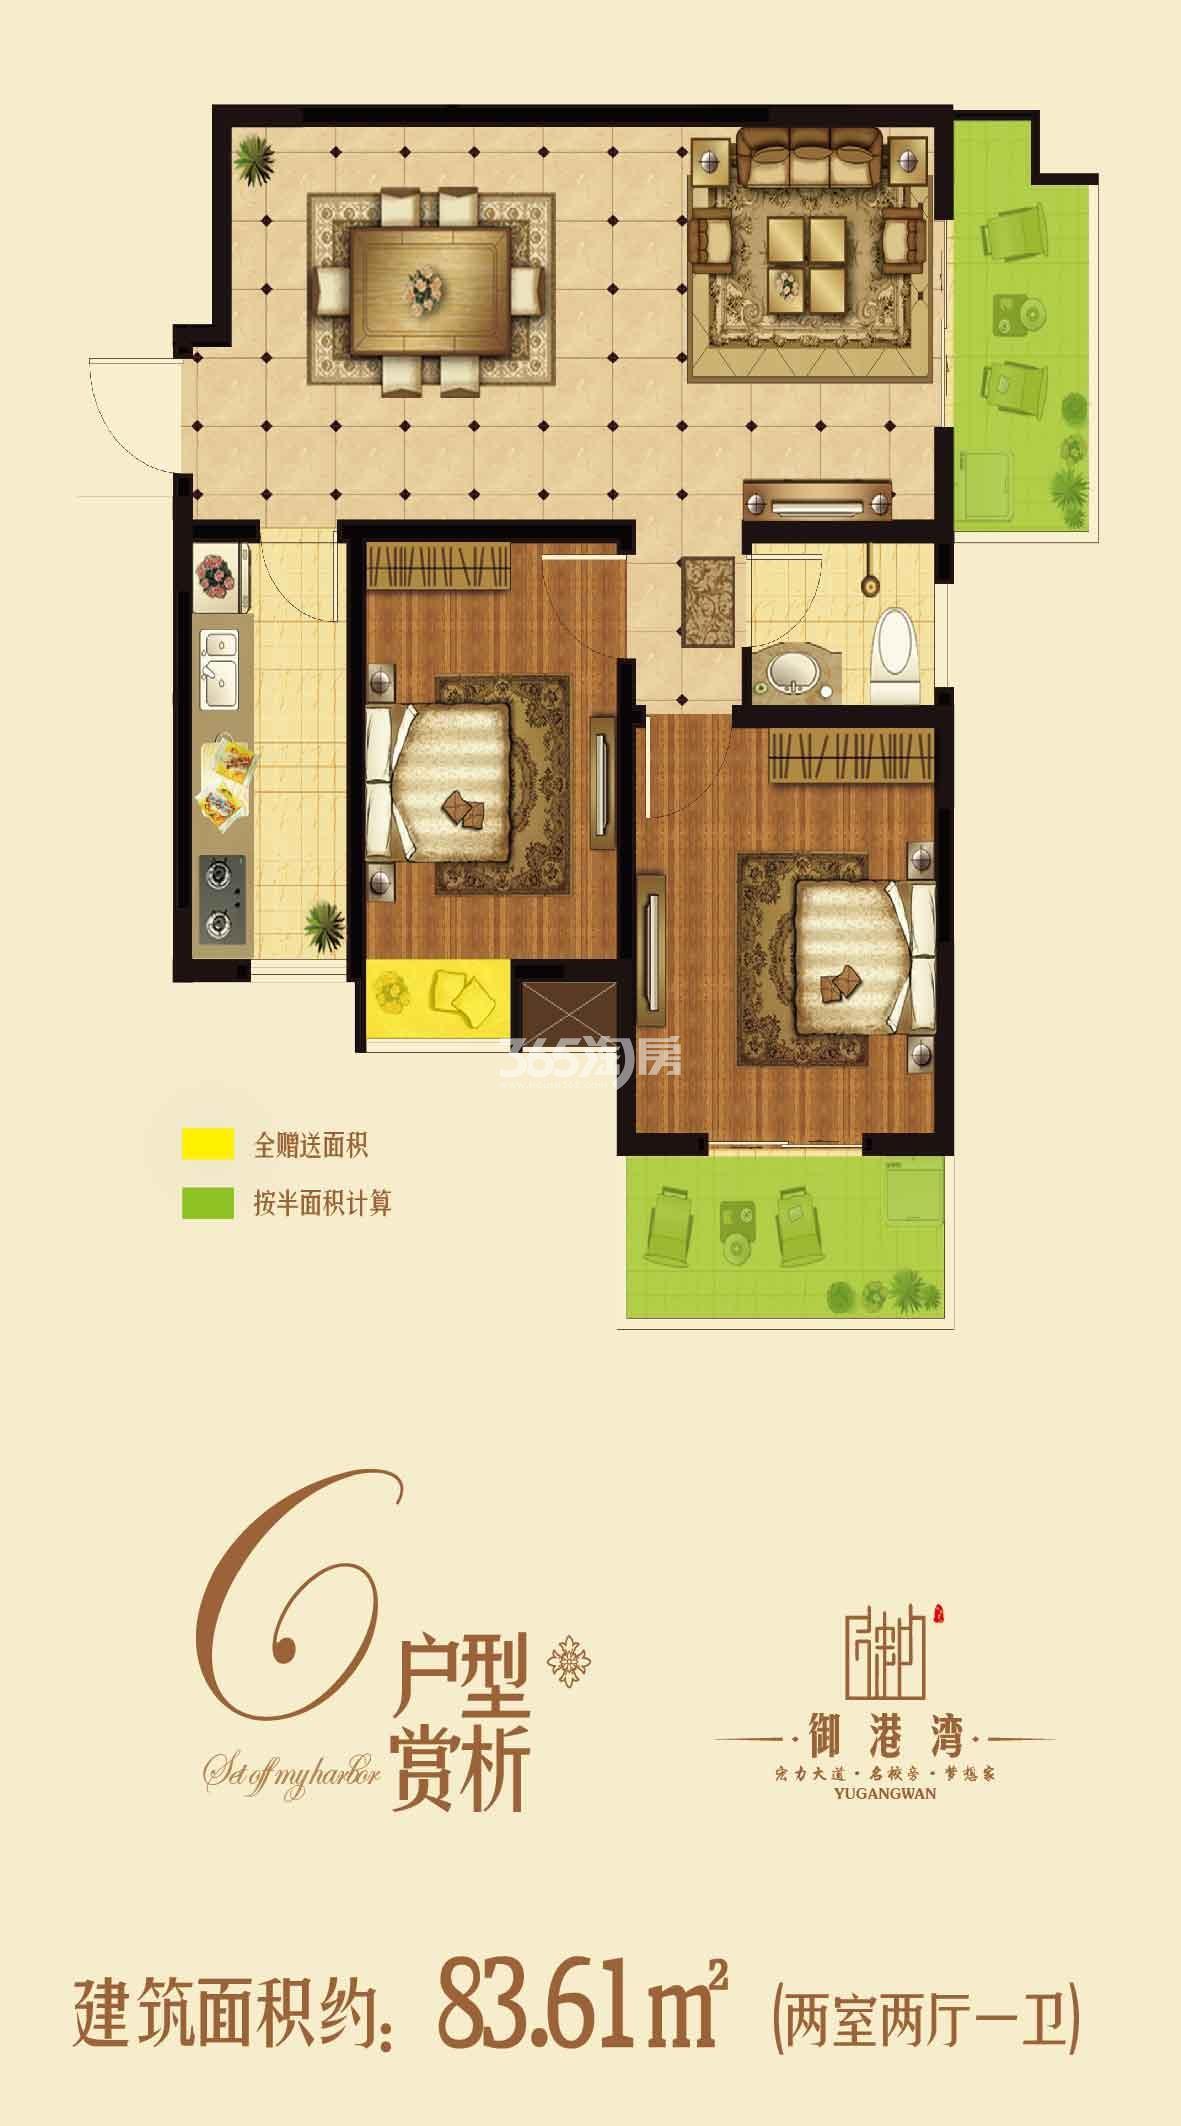 83.61㎡两室两厅一卫